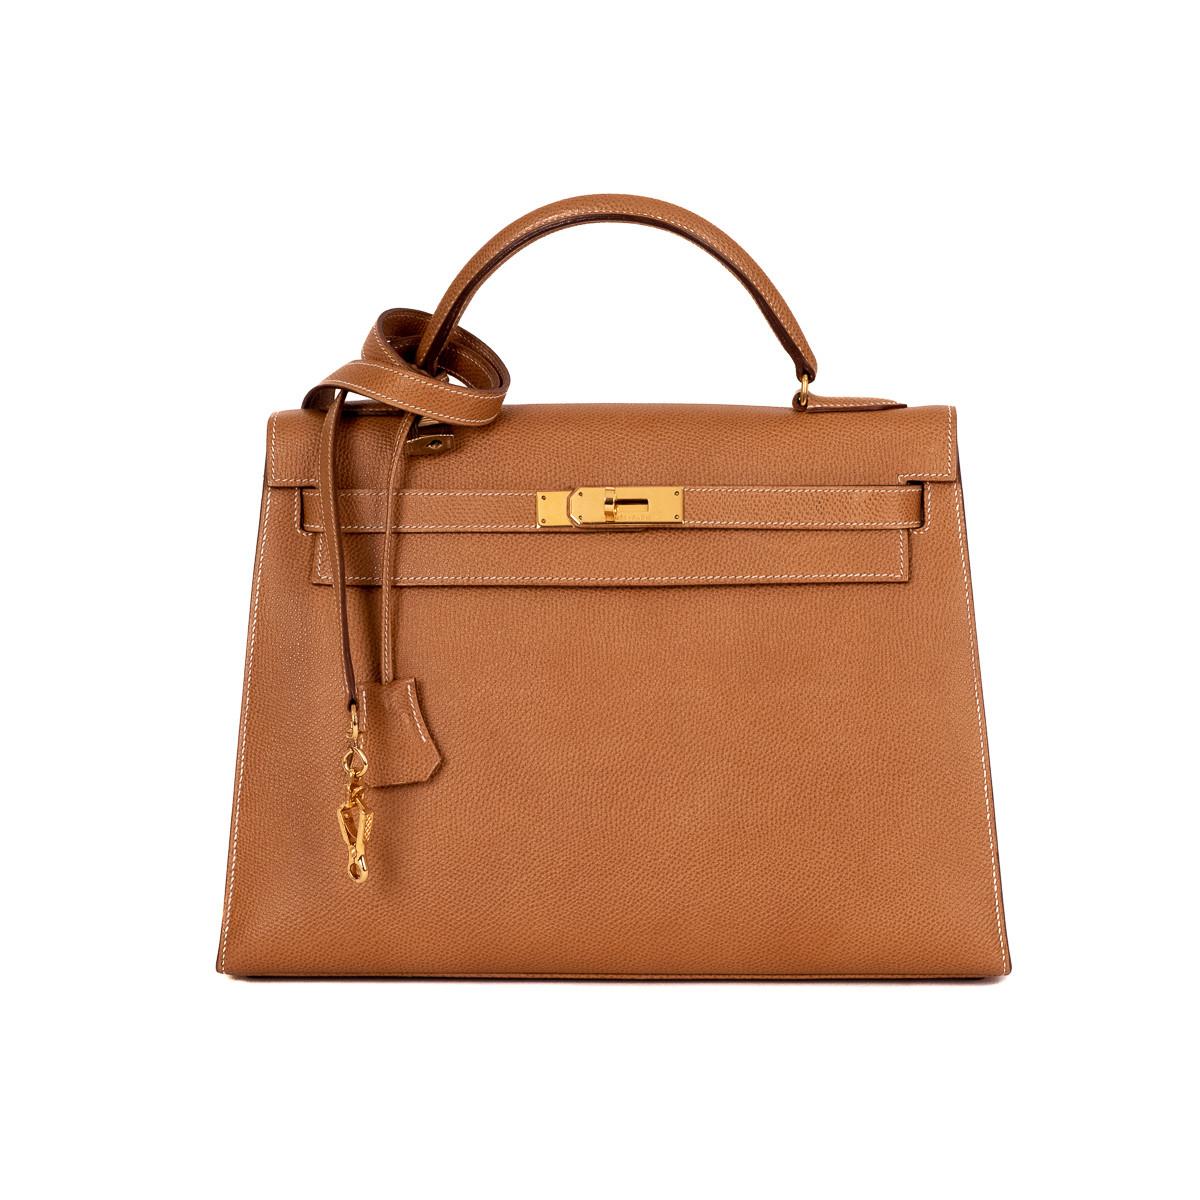 Sac Kelly 32 piqué Sellier cuir Courchevel Hermès et d occasion. 0aae1da7762